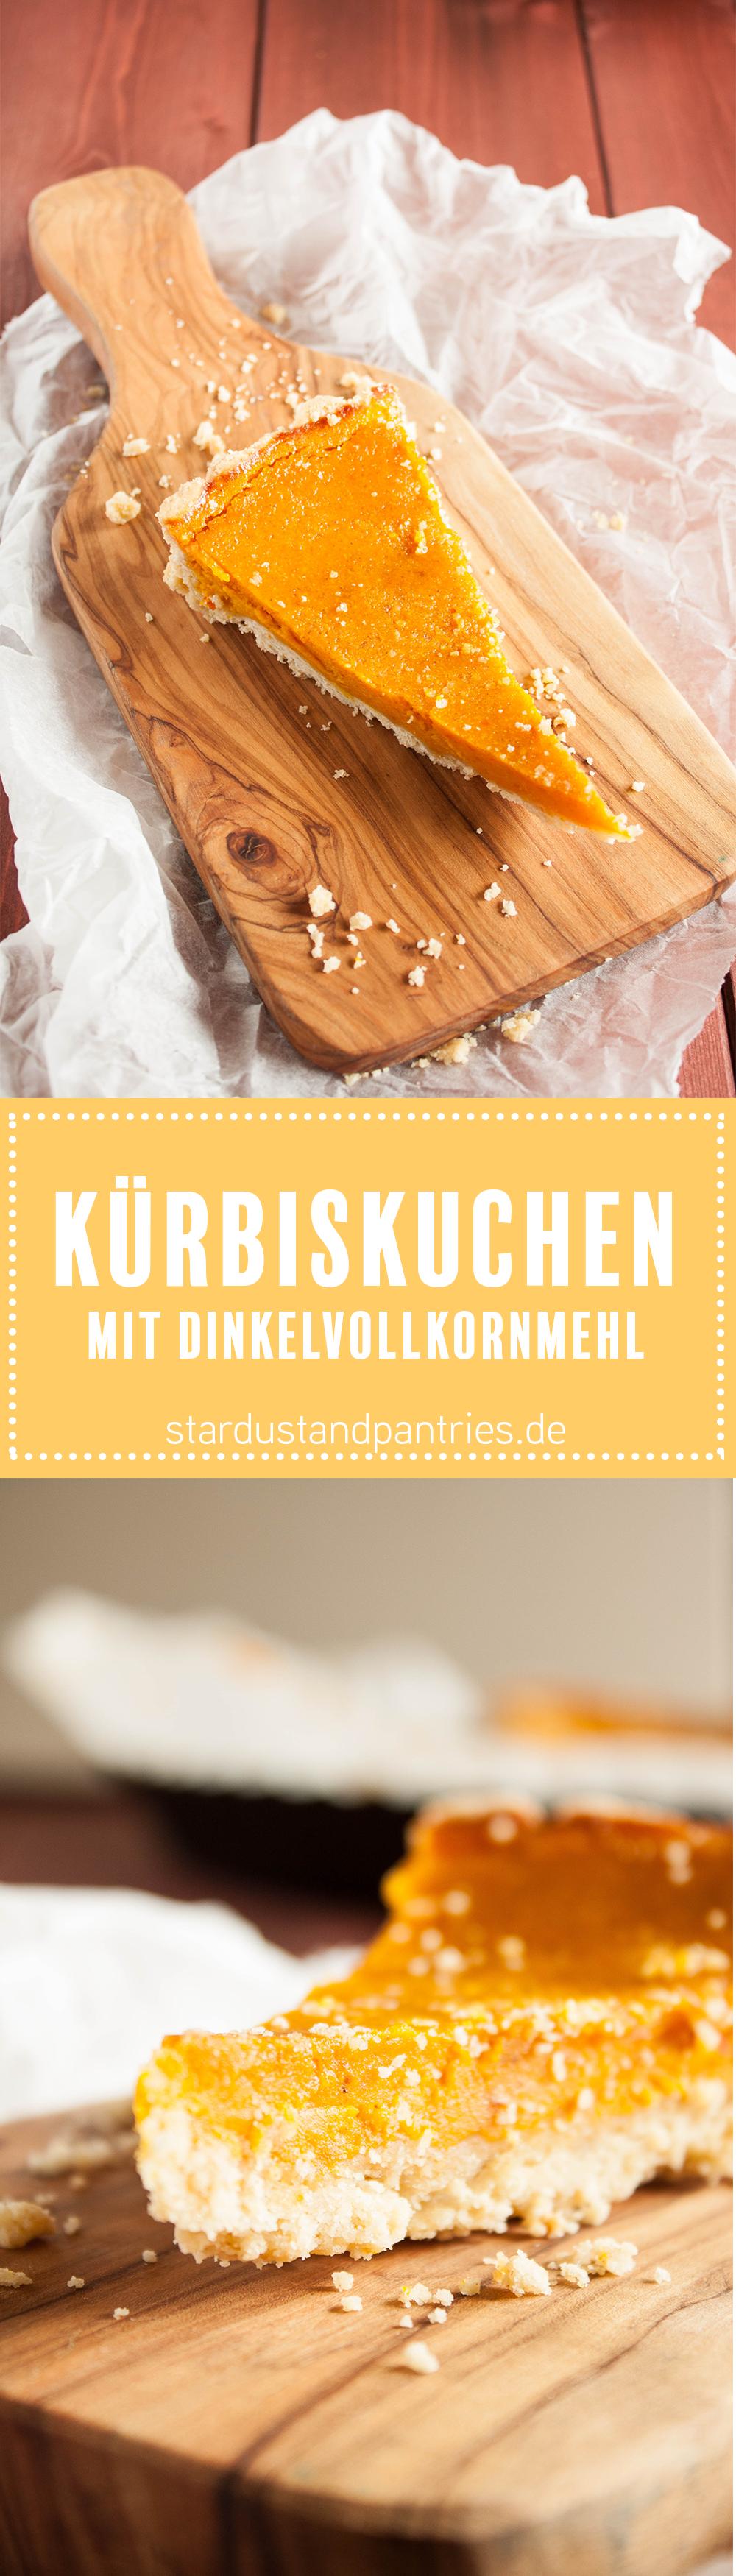 Einfaches Rezept für einen leckeren und saftigen Kürbiskuchen. Die vielen Gewürzen machen den Kuchen zu einem perfekten Herbstkuchen! Gratis Rezeptkarte gibt es auf dem Blog zum Herunterladen!